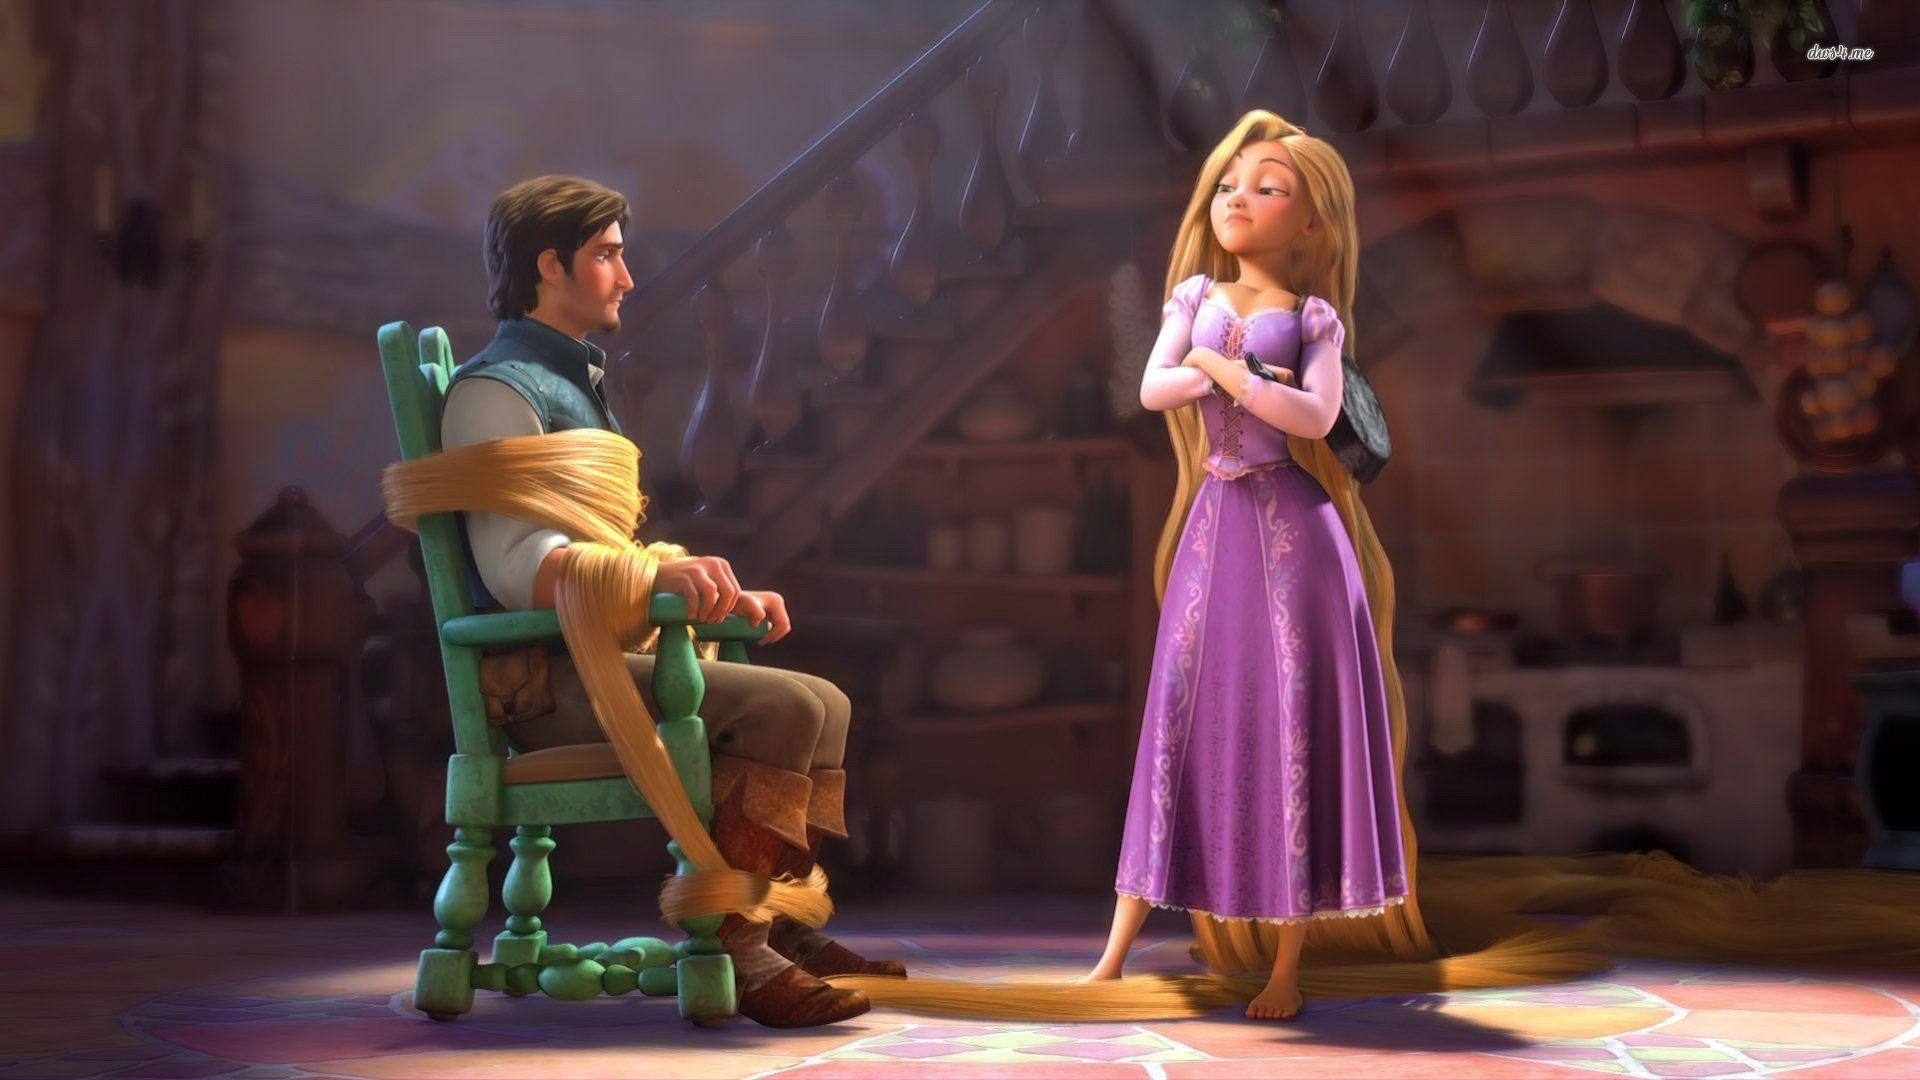 Rapunzel Tangled HD desktop wallpaper : Widescreen : High ...